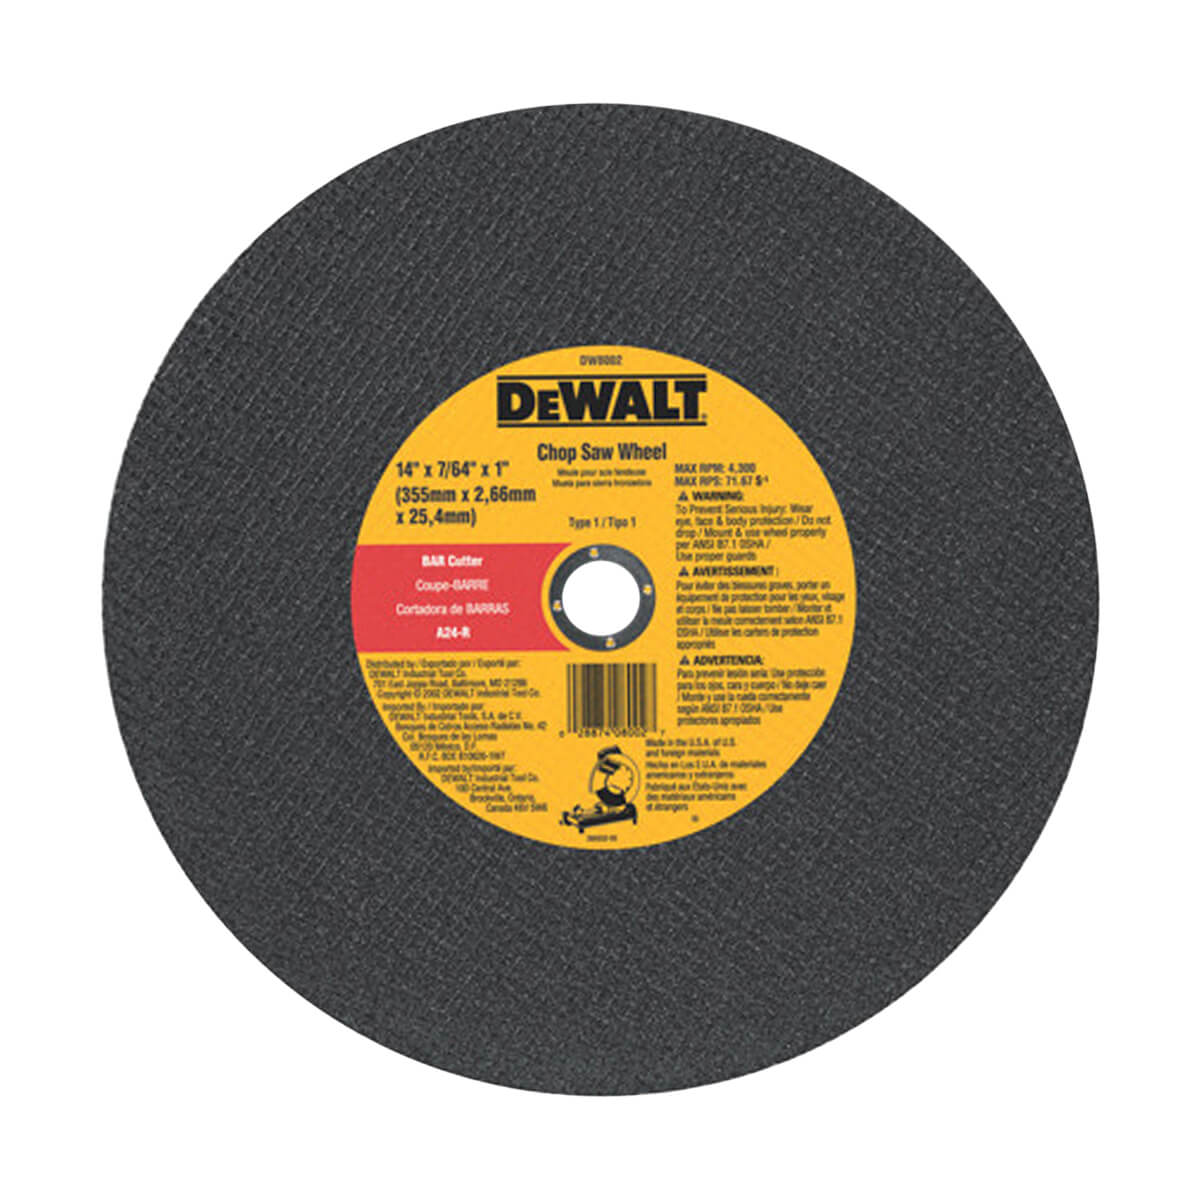 """DEWALT DW8002 14"""" x 3/32"""" Bar Cutter Chop Saw Wheel"""